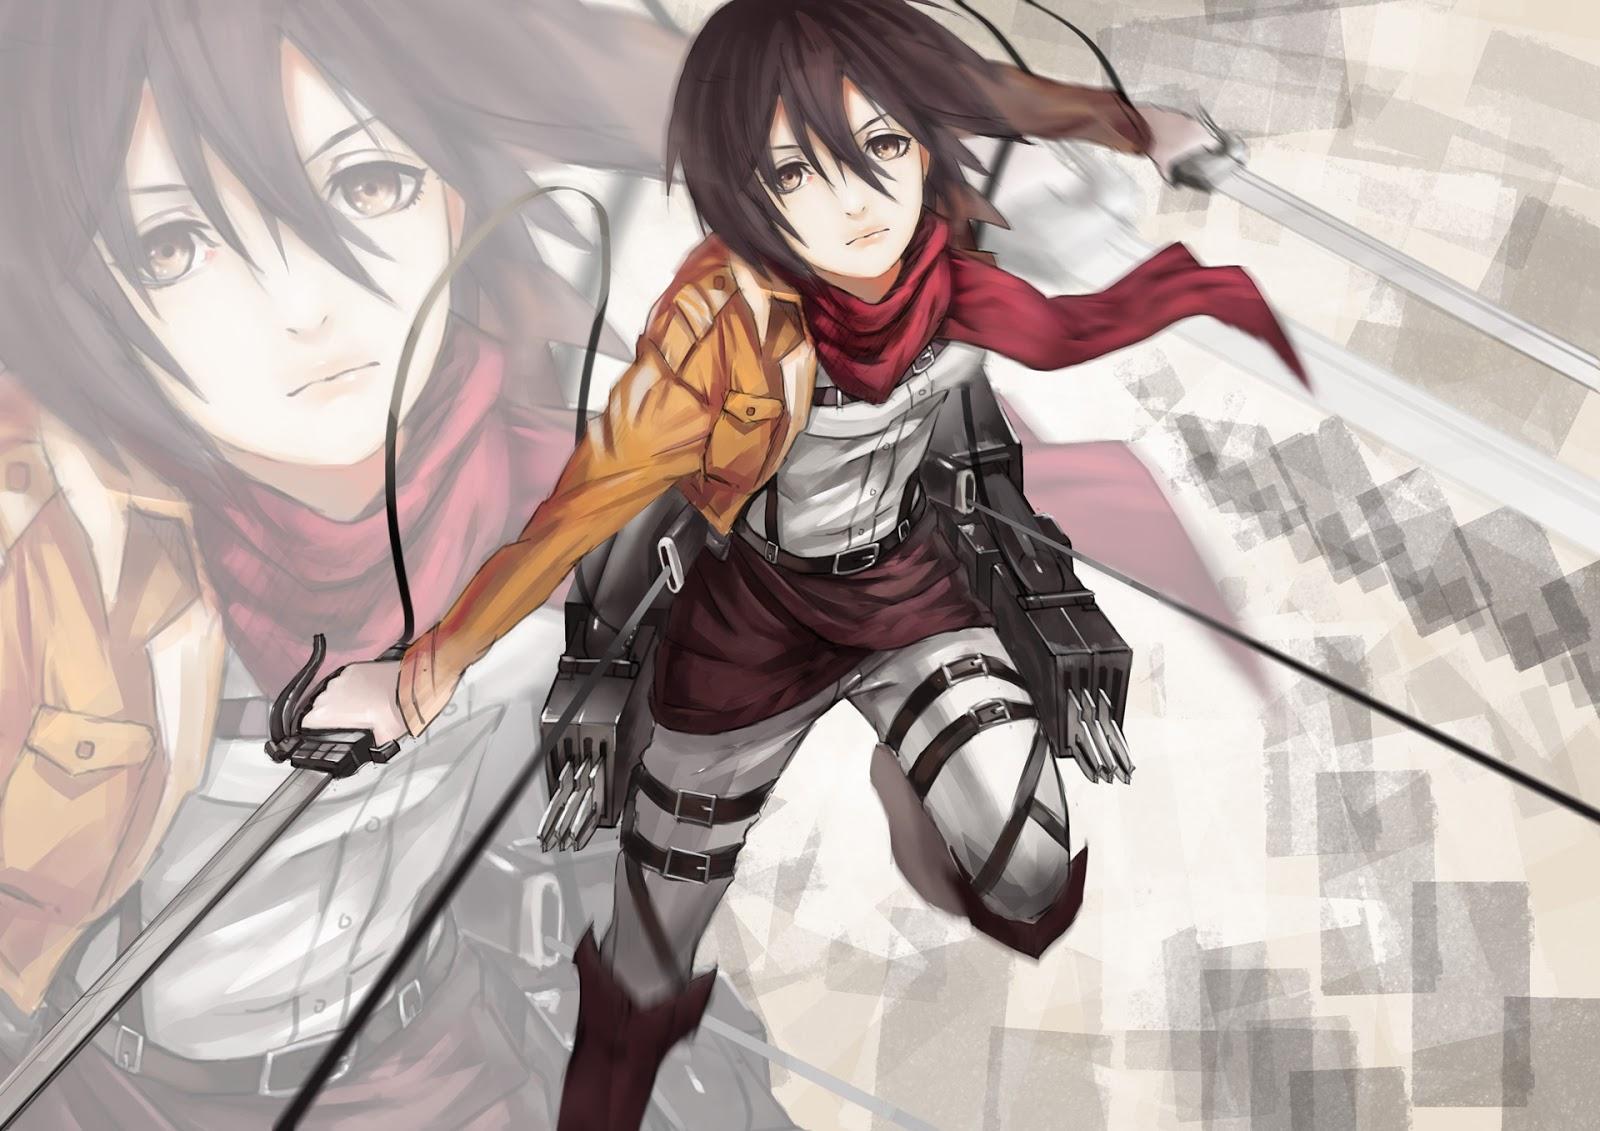 Hd Wallpaper Mikasa Shingeki No Kyojin 0807